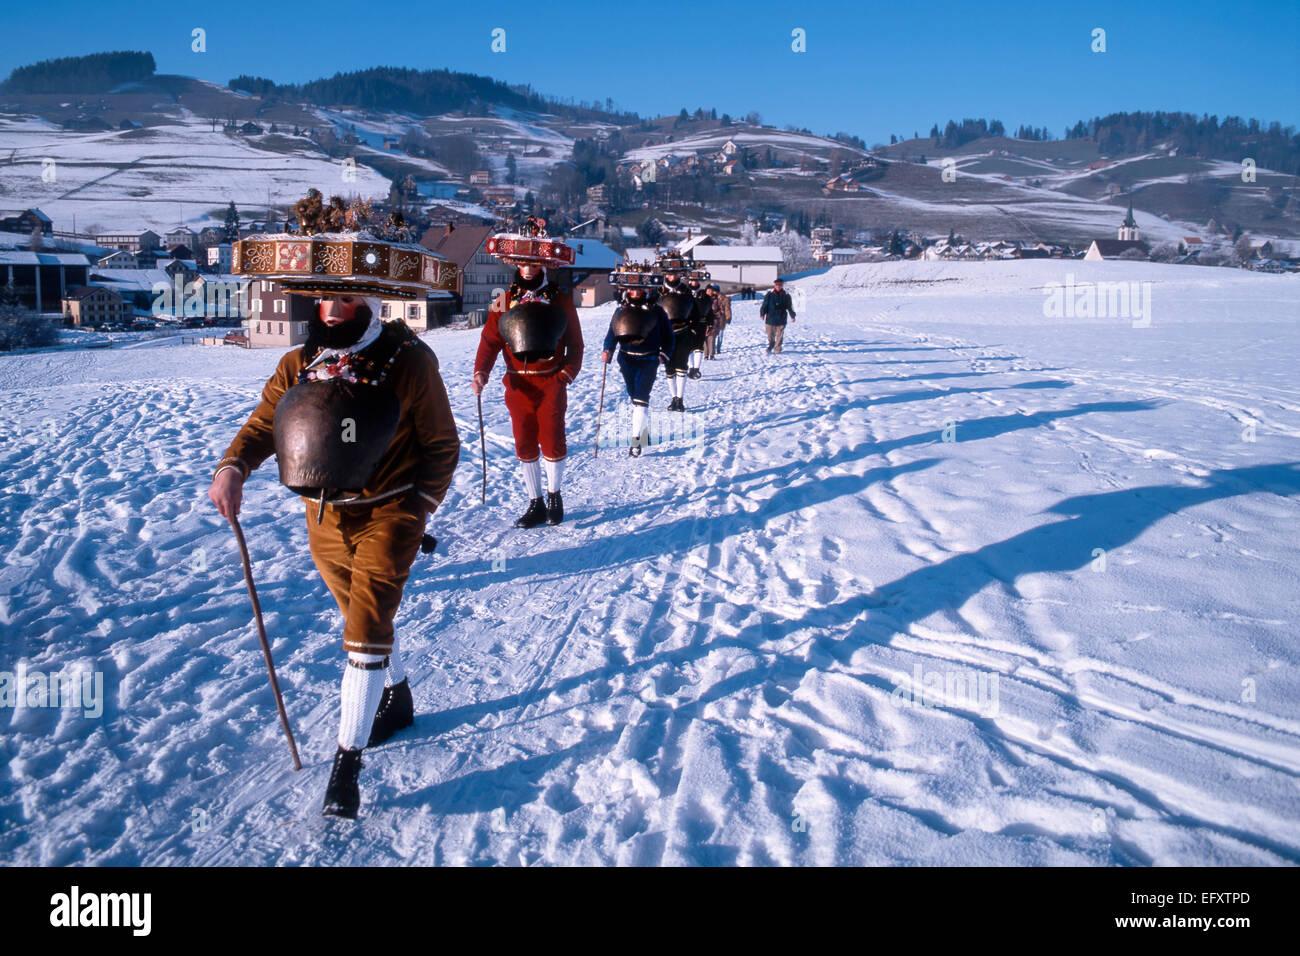 Suiza, Appenzell, el tradicional rito de la víspera de Año Nuevo el 13 de enero, Sylvesterklaeuse con Imagen De Stock